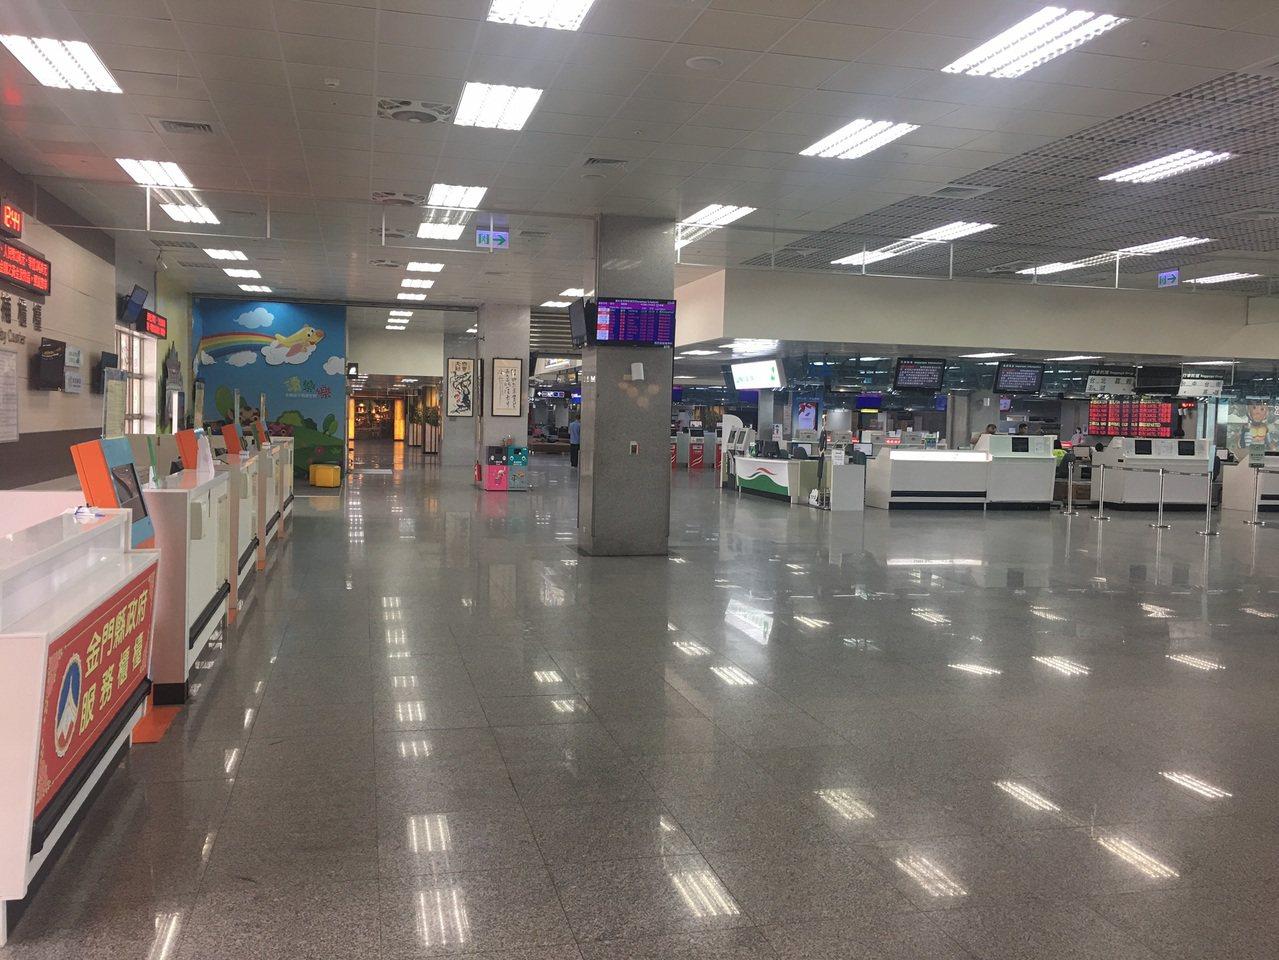 金門尚義機場今天難得冷清,因為飛機從中午12點過後就全部取消,整個機場空無一人。...